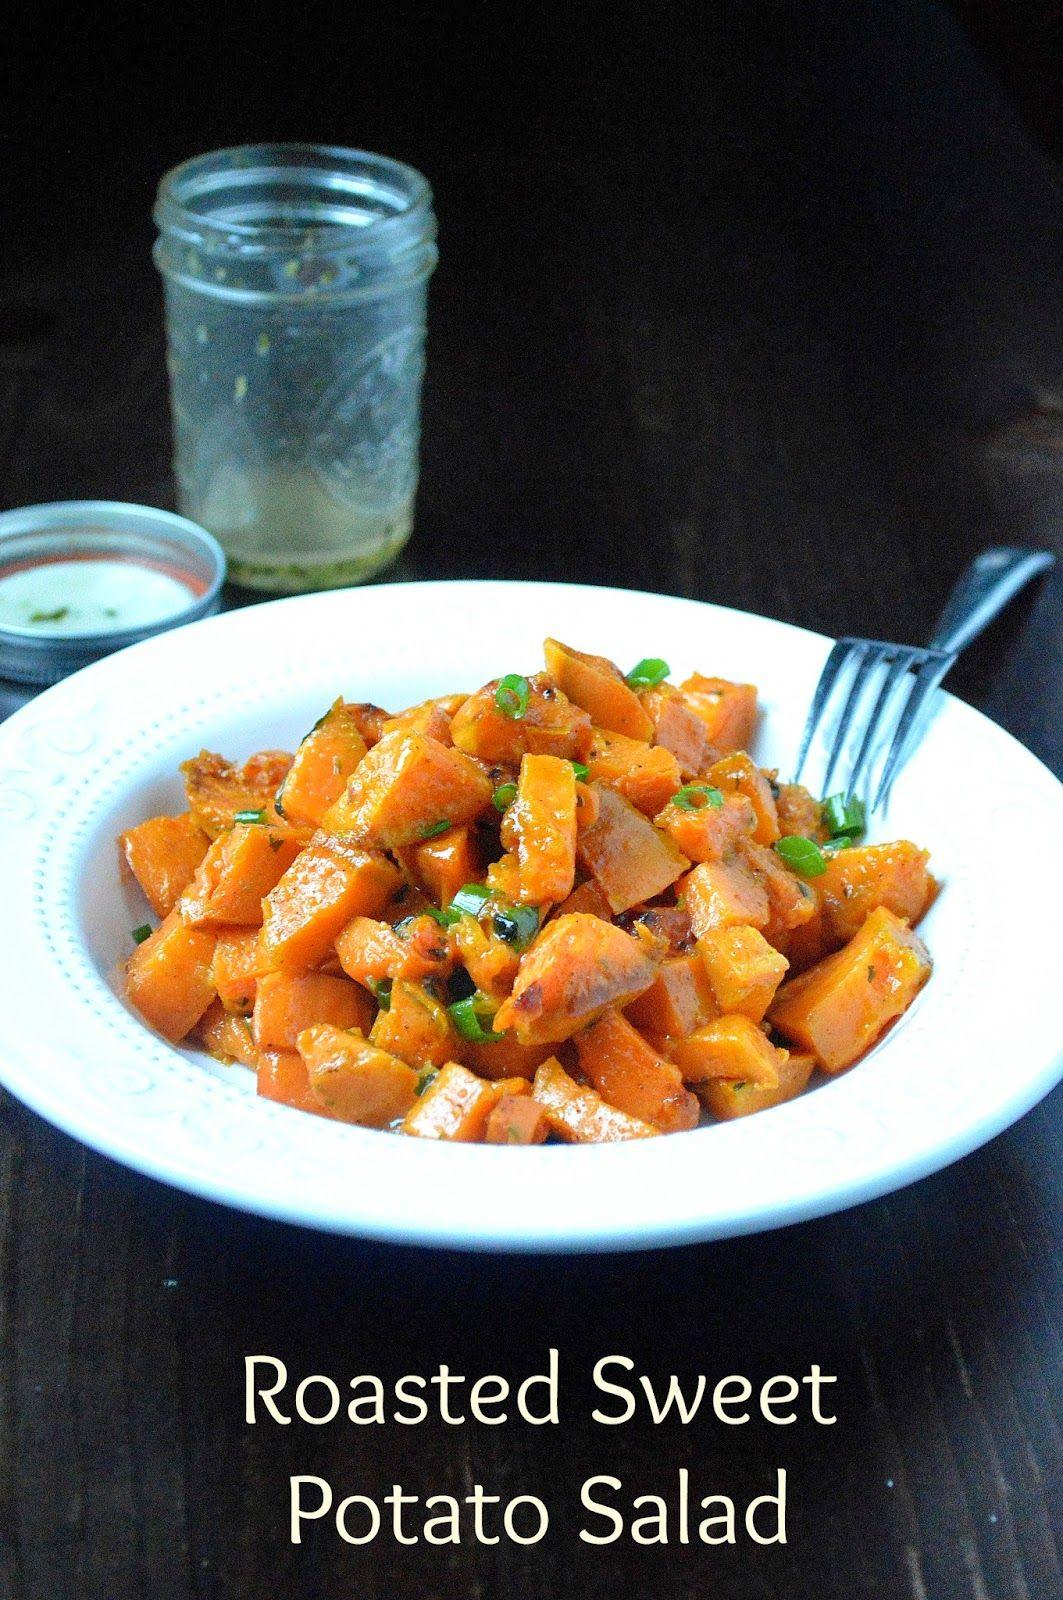 Souffle Bombay: Roasted Sweet Potato Salad #BBQ #salads #sweetpotato #potatosalad